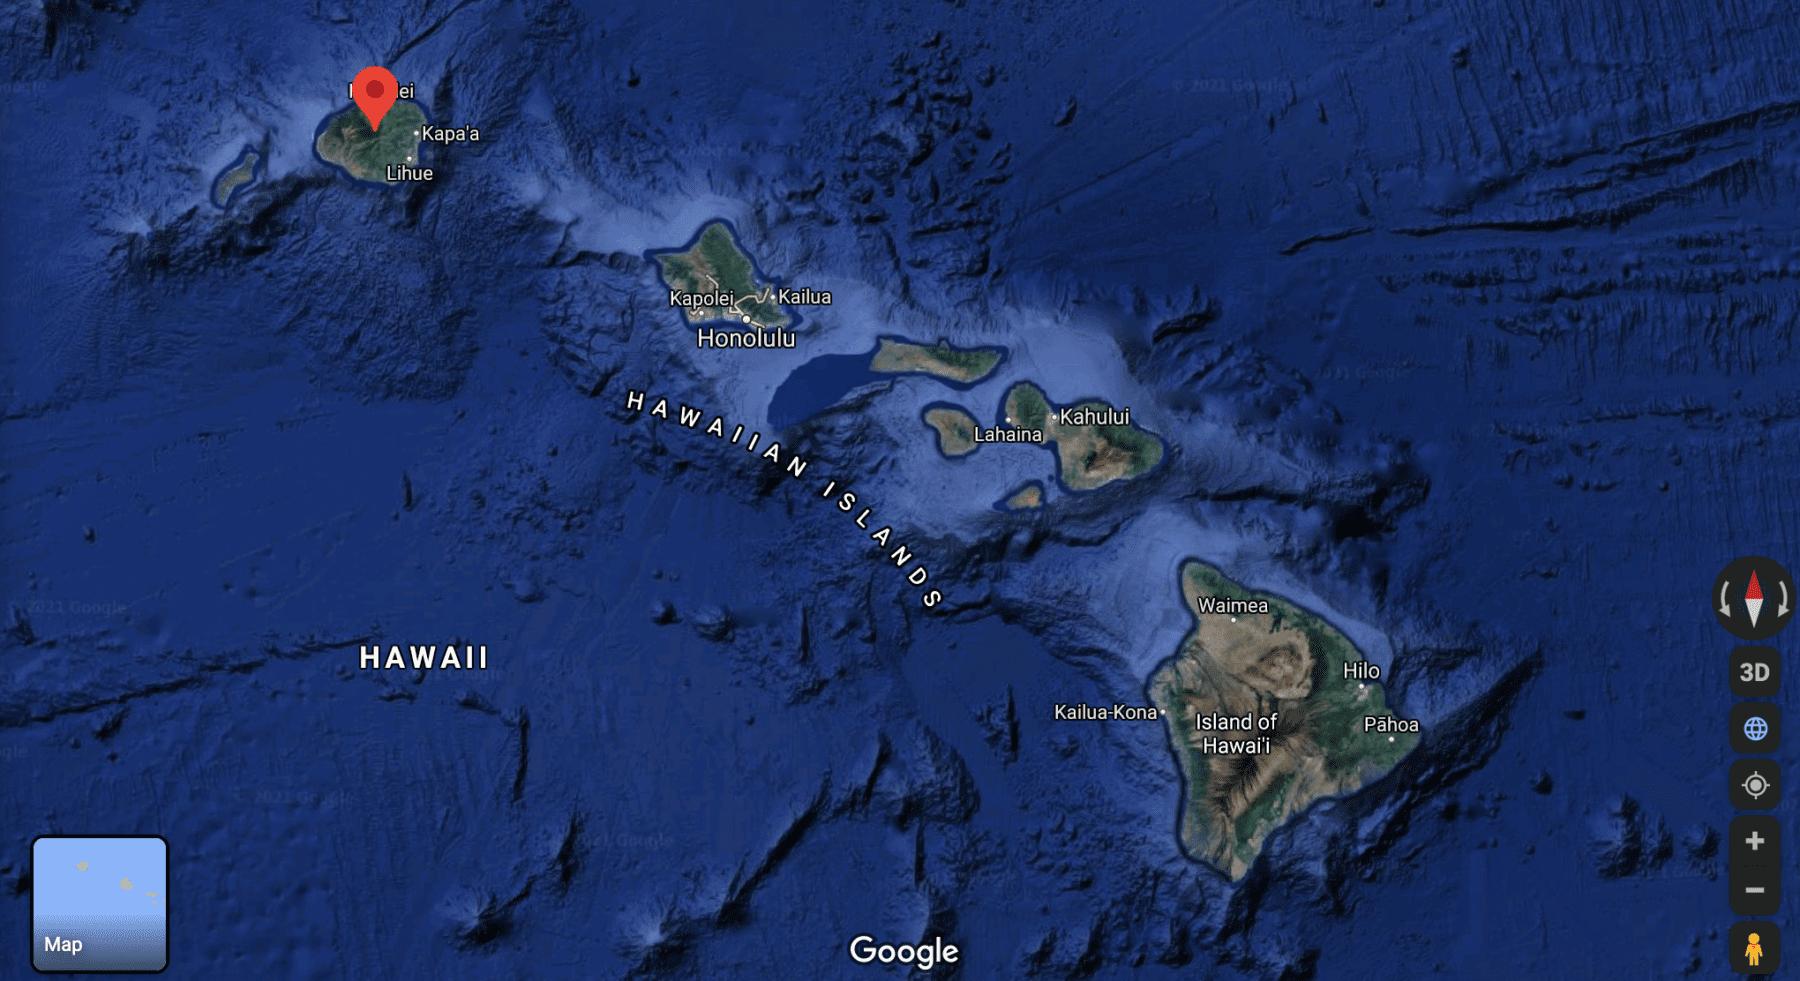 Hawaii islands map